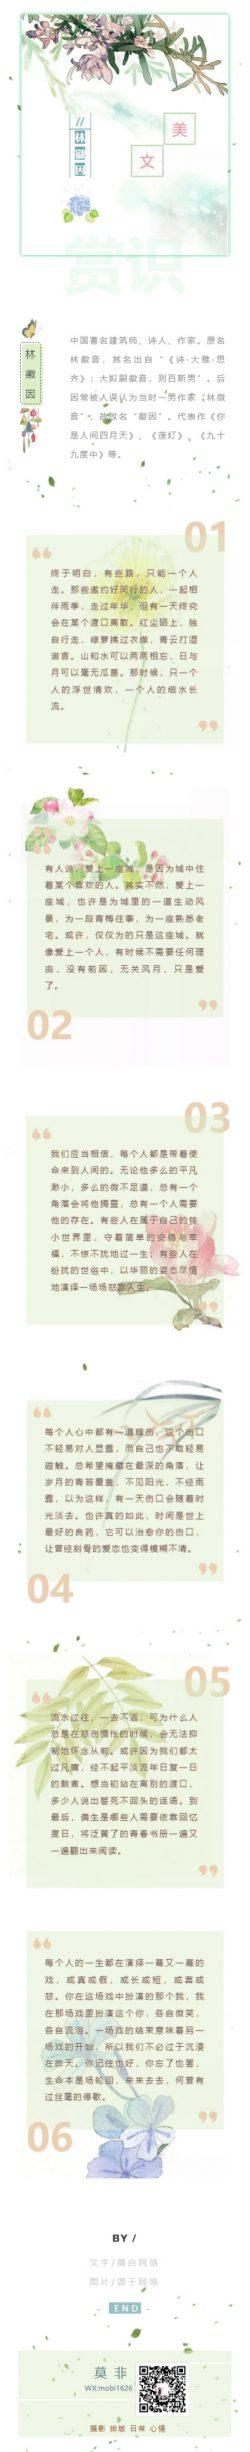 中国著名建筑师、诗人、作家。原名林徽音美文模板